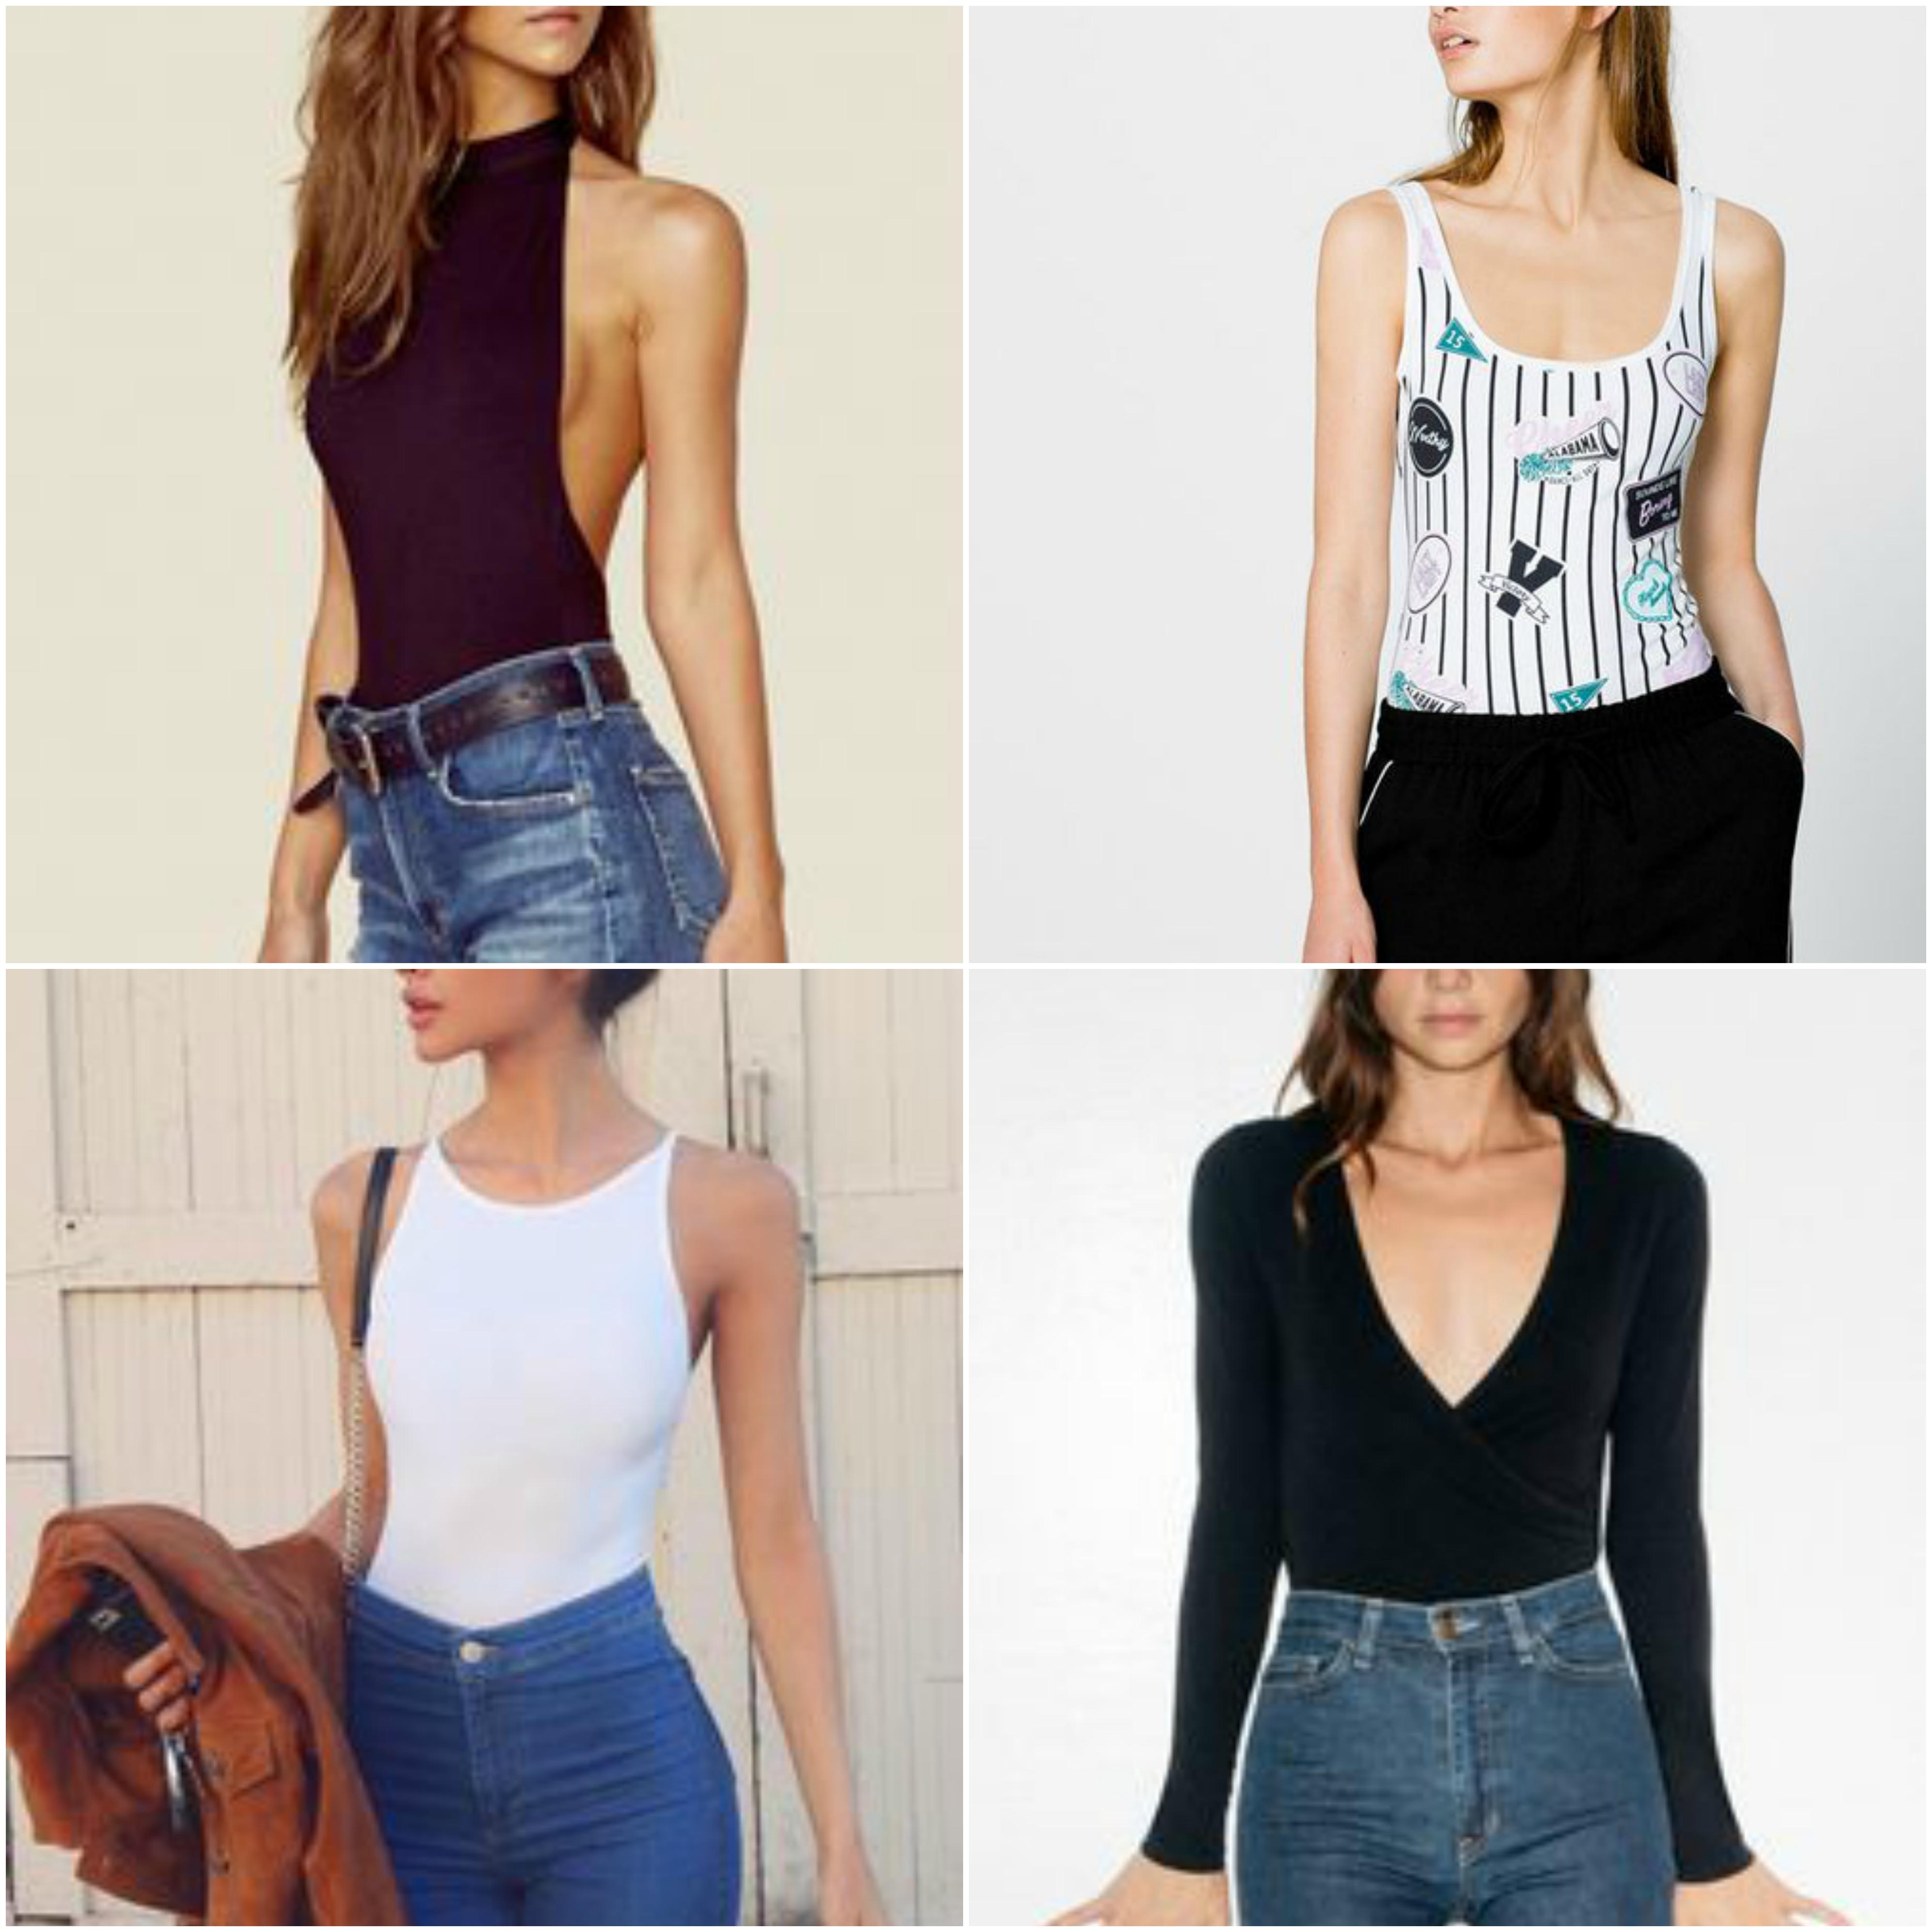 Estas prendas también las puedes adquirir con diversos diseños f8ccde0cf191